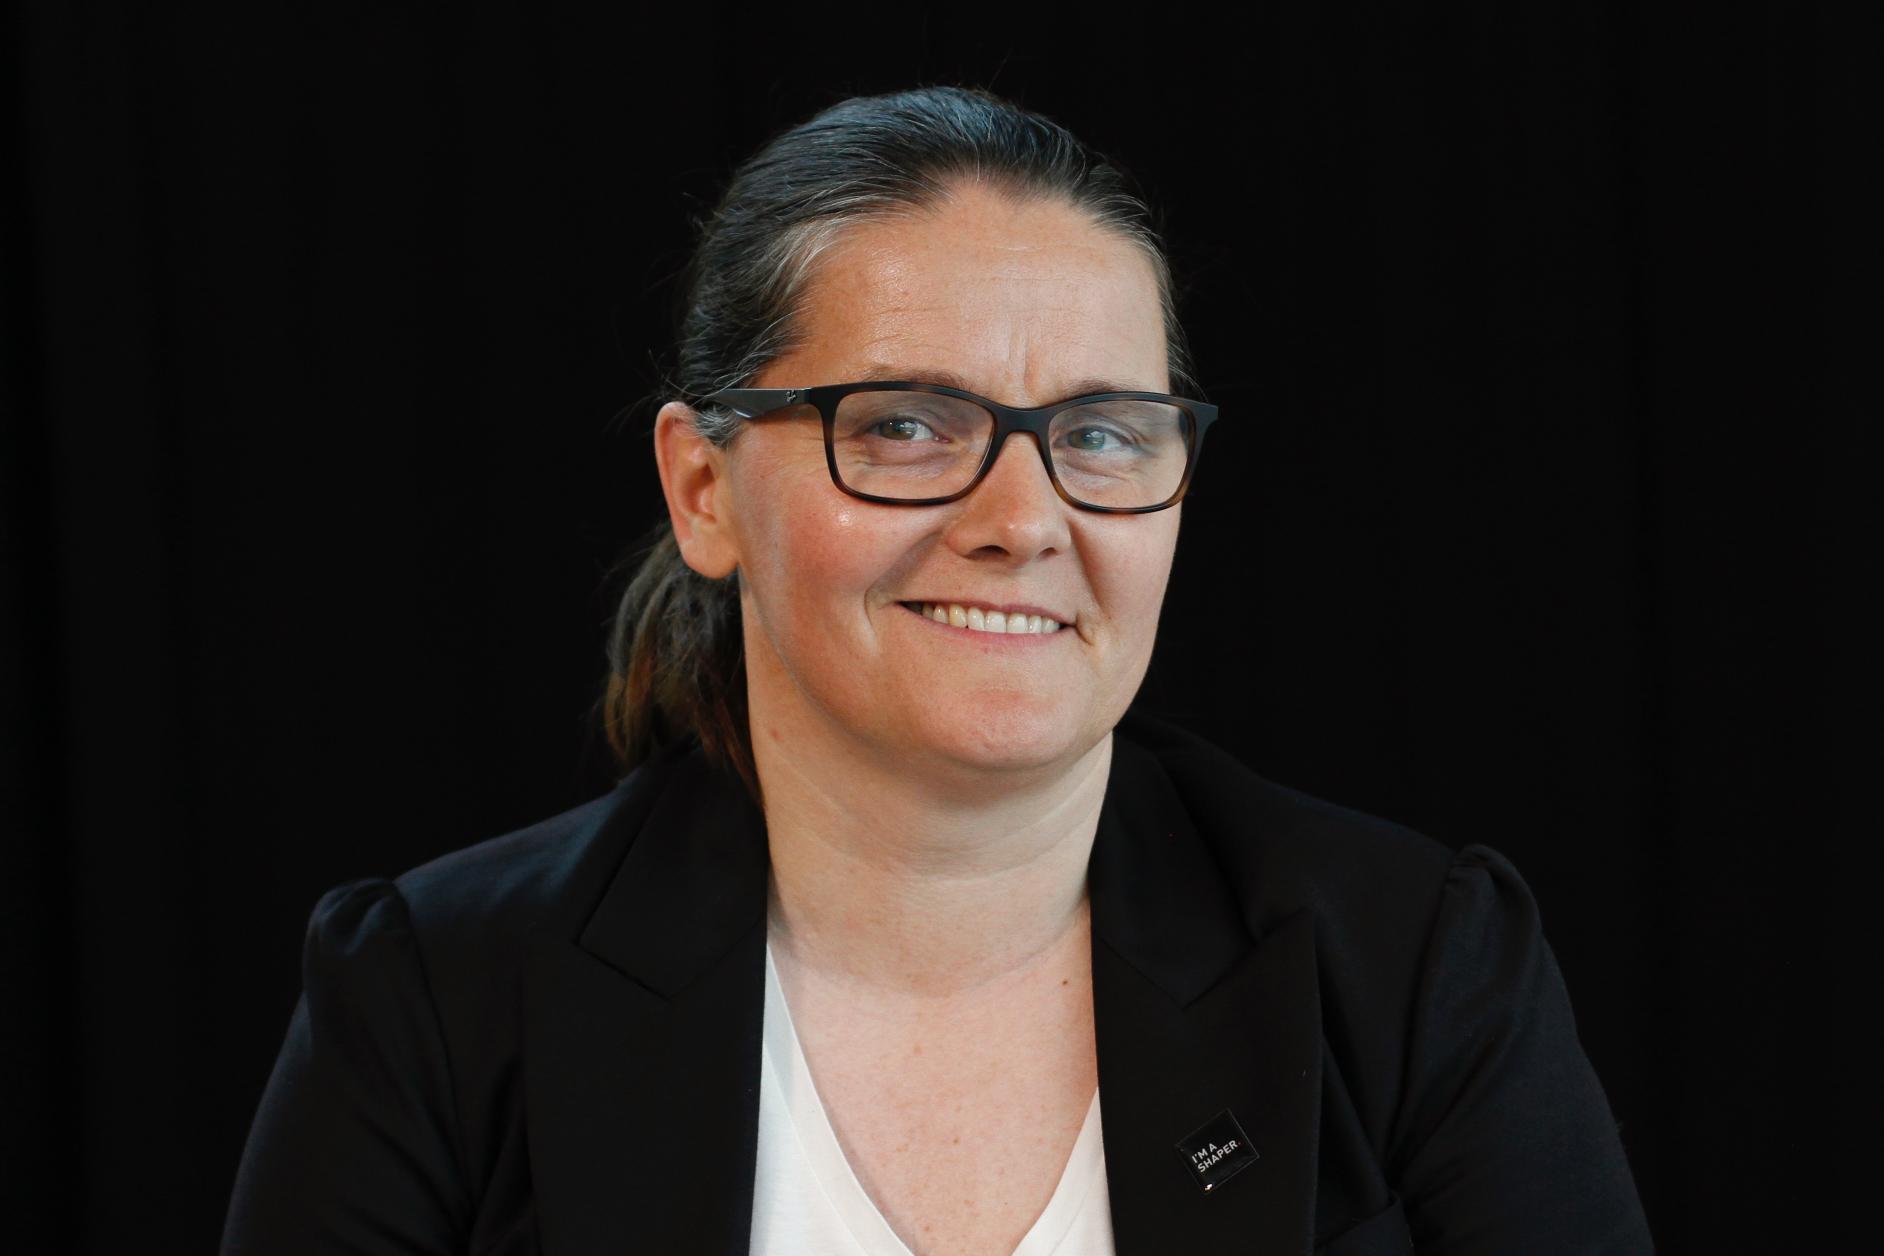 Veronica Oestreich